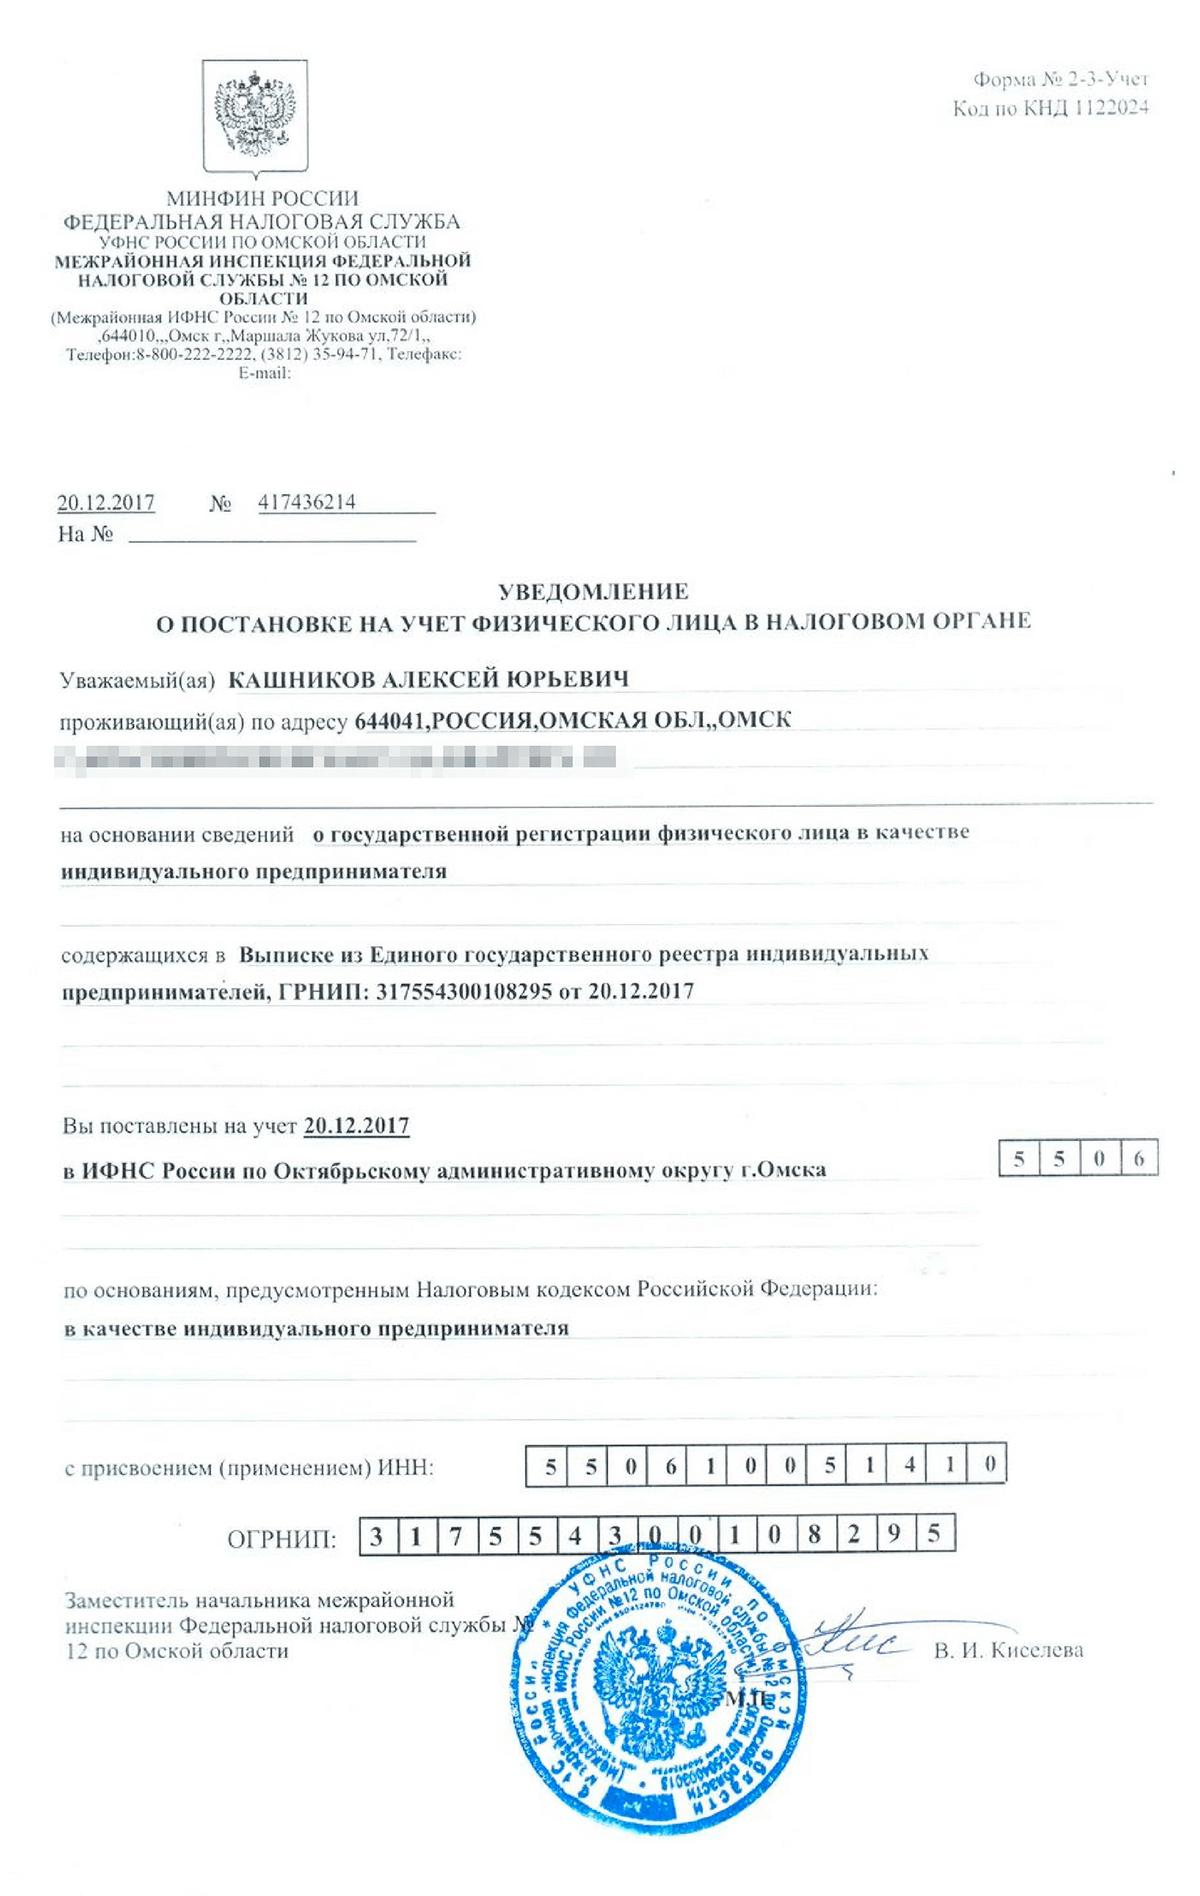 В качестве документа с ОГРНИП я привез уведомление о постановке на учет в налоговой